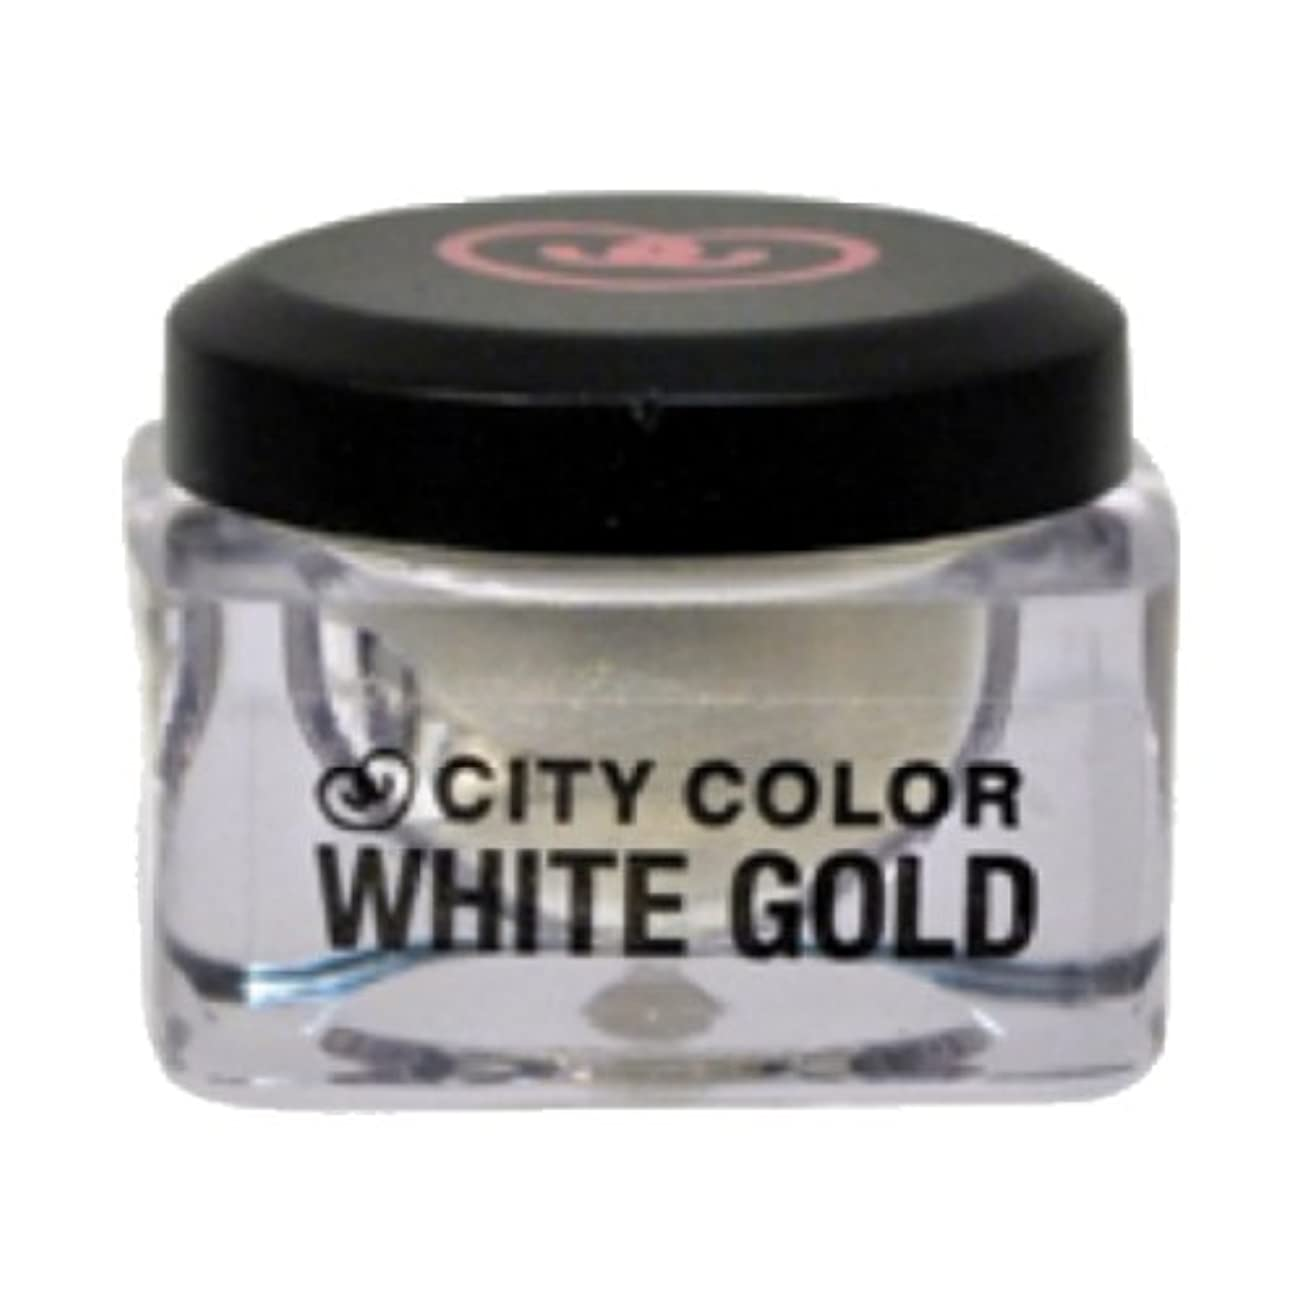 満たす見捨てられた全国CITY COLOR Shadow and Highlight Mousse - White Gold (並行輸入品)